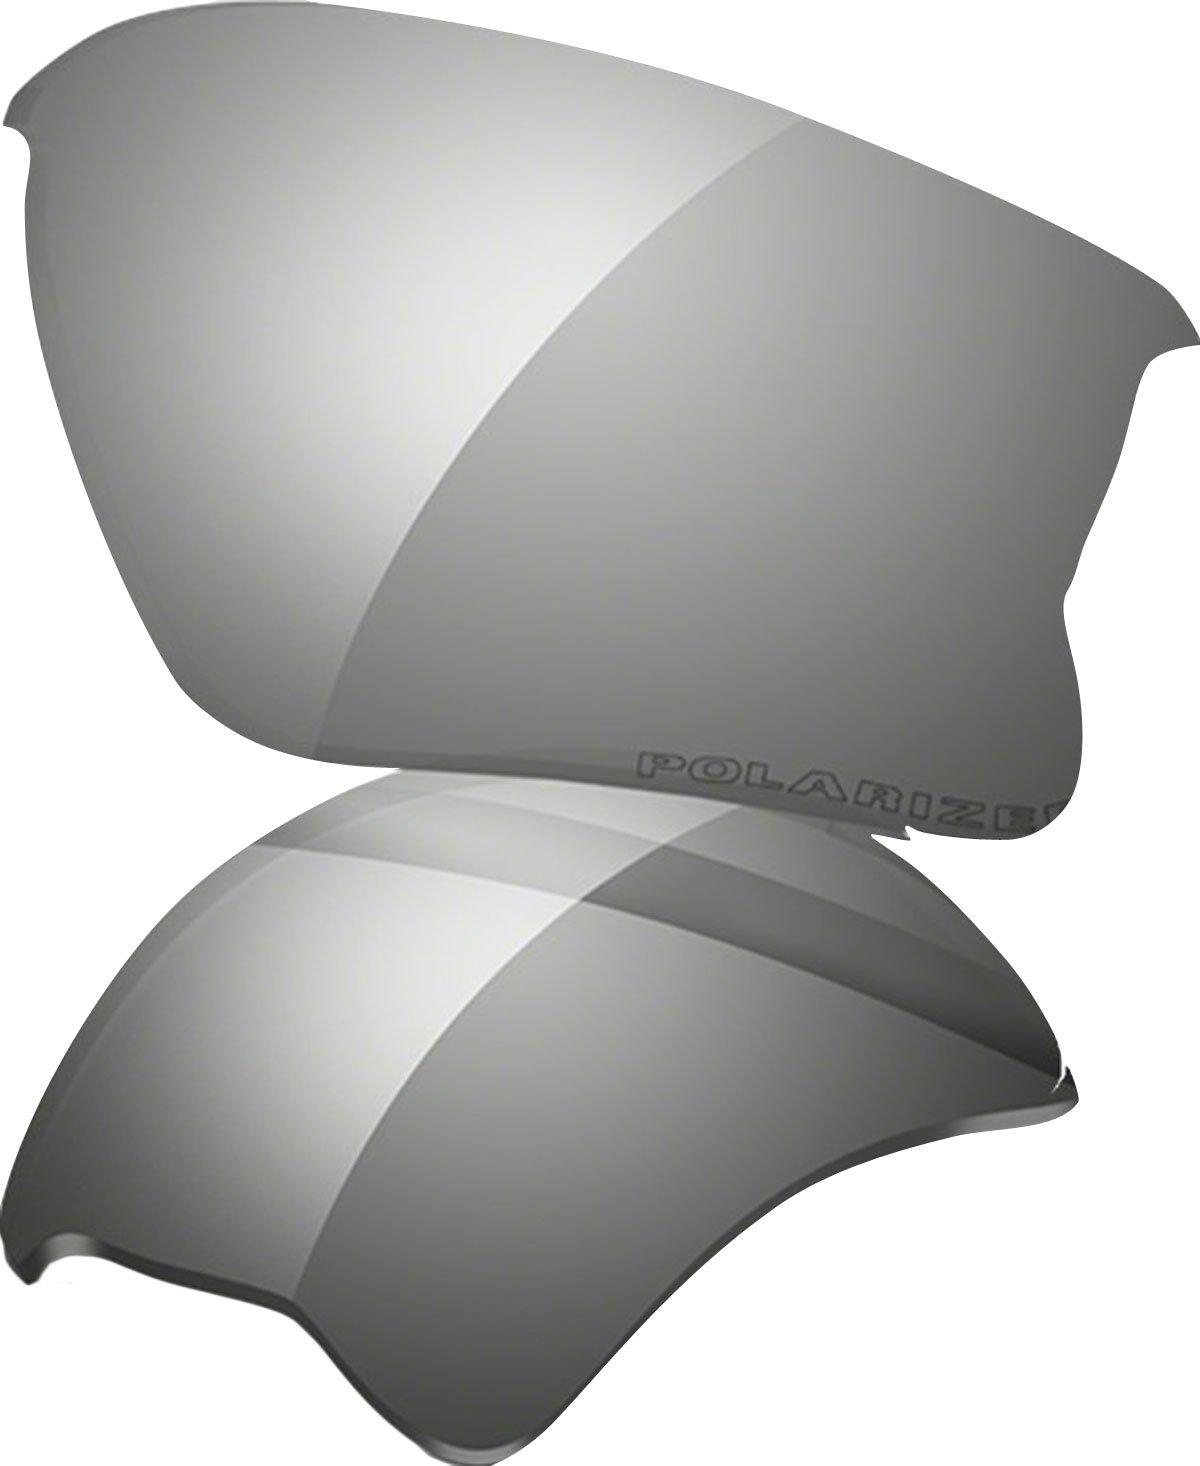 Oakley Flak Jacket XLJ Adult Lens Sunglass Accessories - Black Iridium Polarized by Oakley